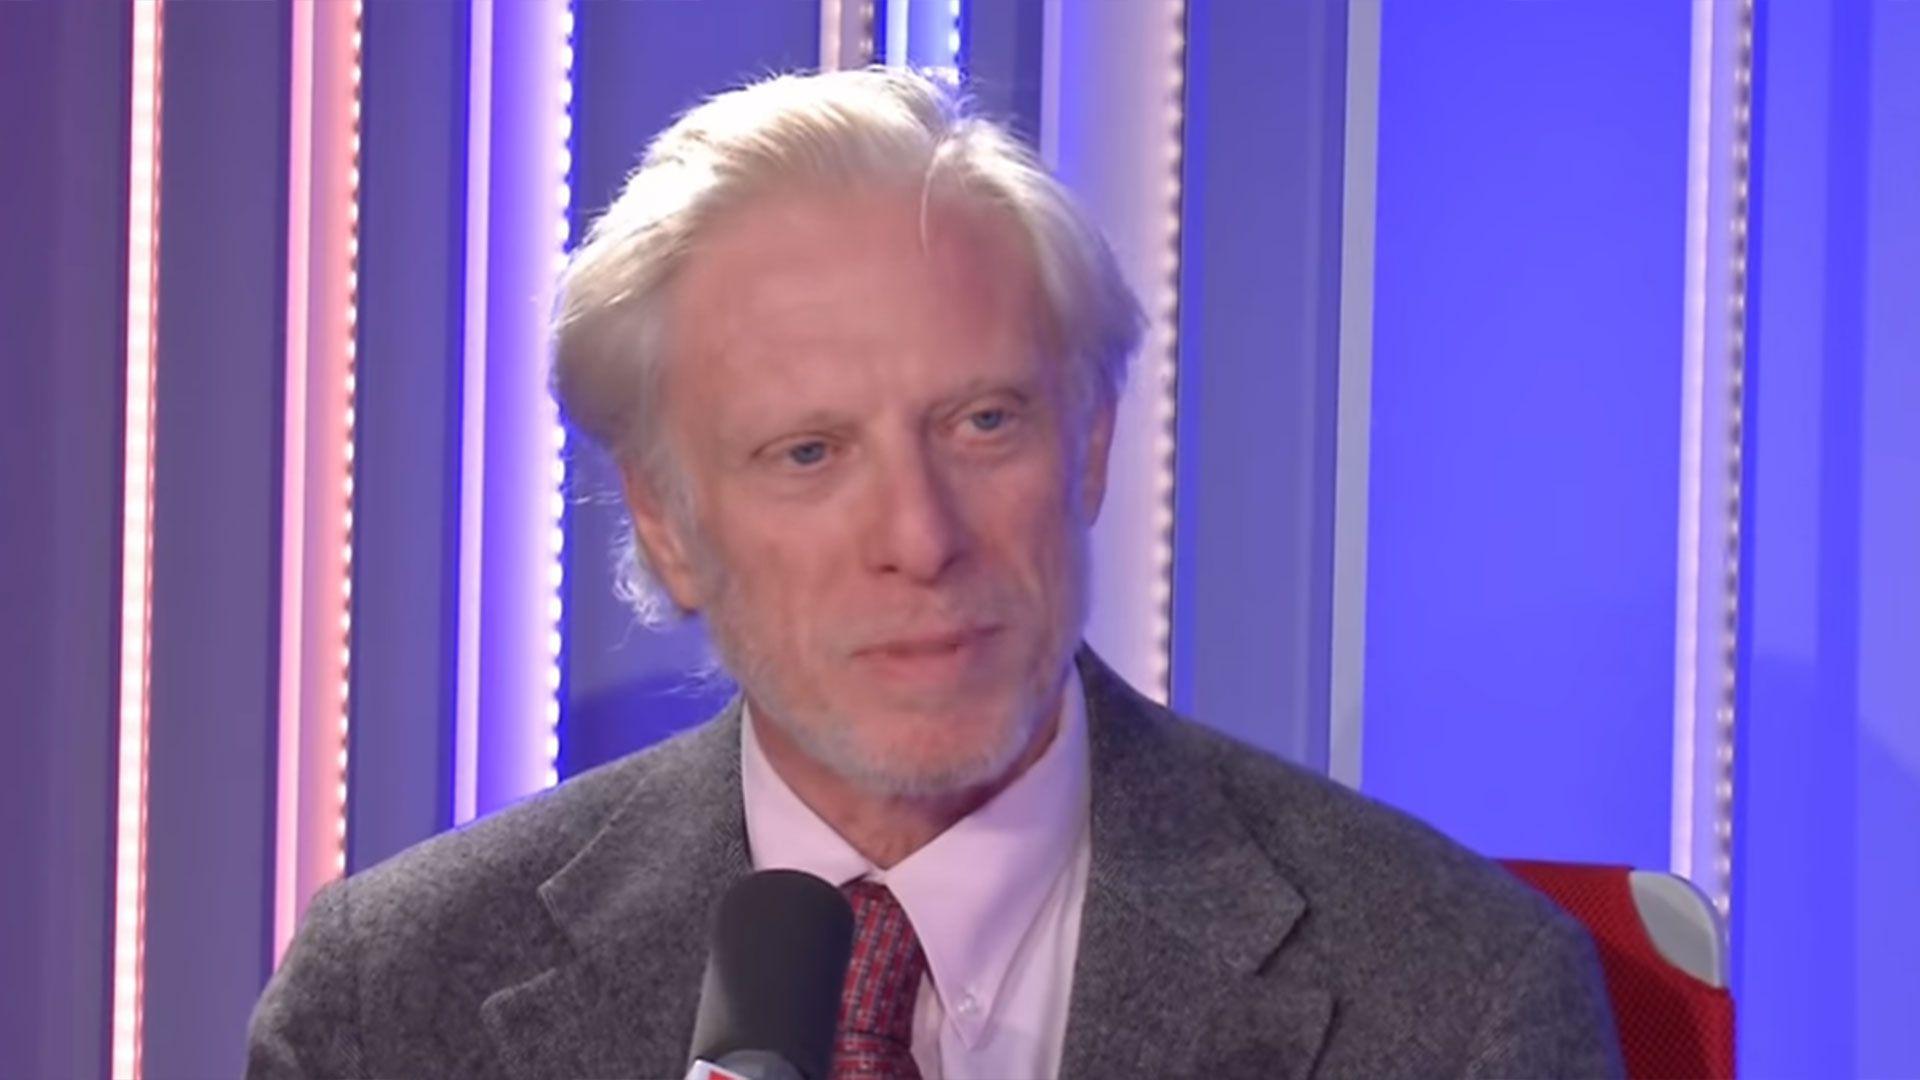 Pablo Goldschmidt